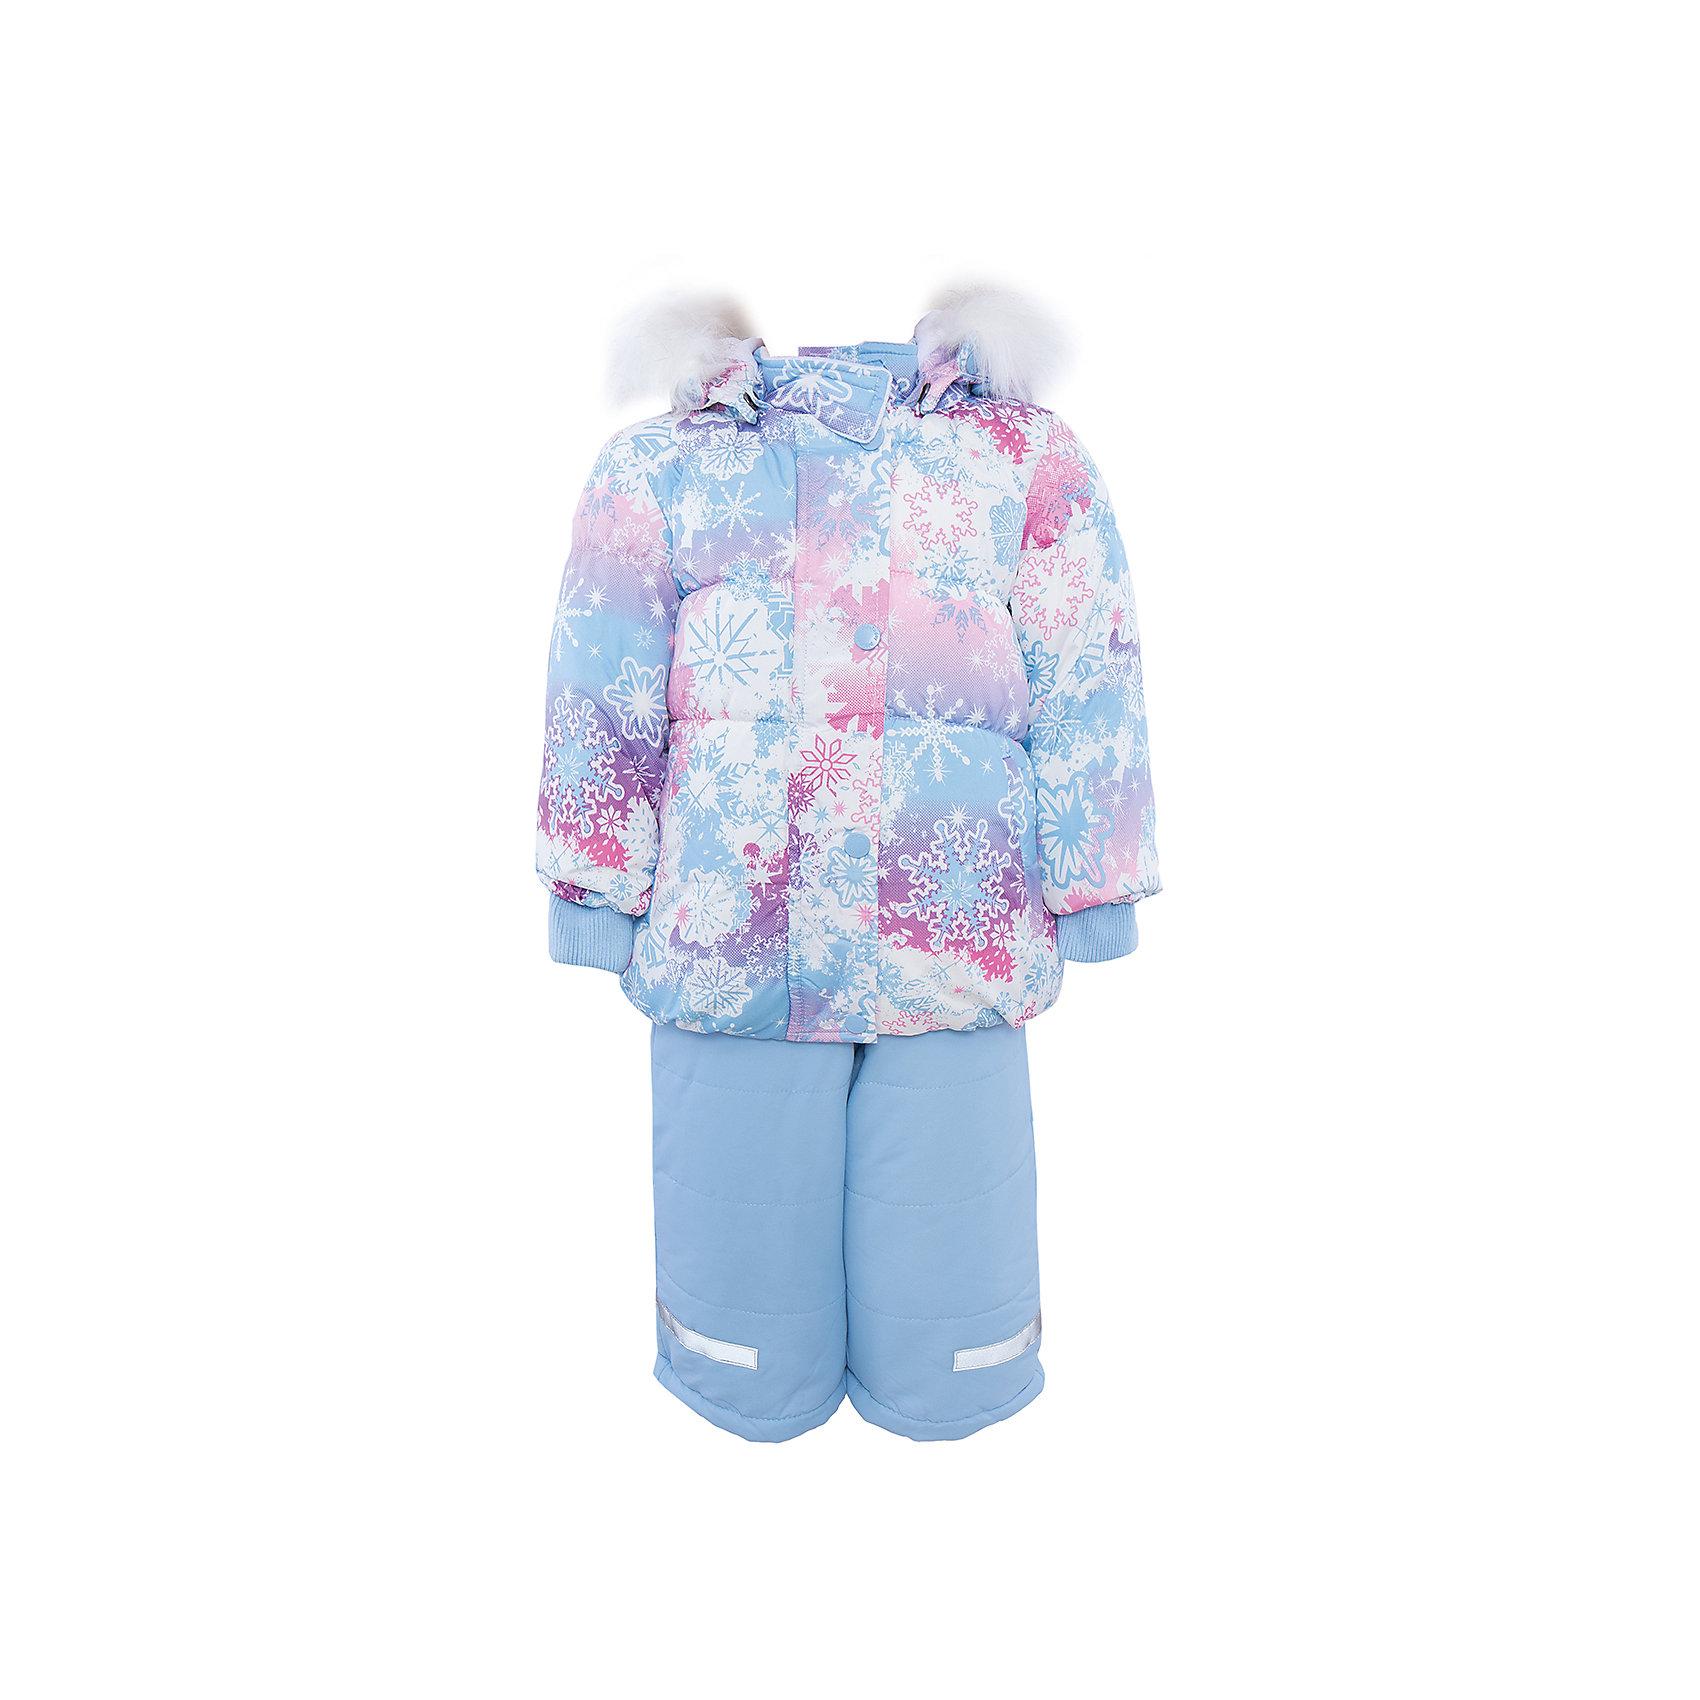 Комплект: куртка и полукомбинезон для девочки PlayTodayКомплекты<br>Комплект: куртка и полукомбинезон для девочки от известного бренда PlayToday.<br>Уютный и теплый комплект из куртки и полукомбинезона.<br>Куртка украшена принтом с нежными цветными снежинками. Внутри мягкая велюровая подкладка. Застегивается на молнию, есть ветрозащитная планка на молнии, как на спортивной одежде. Внизу есть специальная вставка на резинке, пристегнув которую вы надежно защитите малыша от снега. И капюшон, и мех удобно отстегиваются. Воротник на липучке. Рукава и низ на резинке. Есть два функциональных кармашка.<br>Полукомбинезон нежно-голубого цвета. Бретели регул<br>Состав:<br>Верх: 100% полиэстер, подкладка: 80% хлопок, 20% полиэстер, Утеплитель 100% полиэстер, 300 г/м2<br><br>Ширина мм: 157<br>Глубина мм: 13<br>Высота мм: 119<br>Вес г: 200<br>Цвет: разноцветный<br>Возраст от месяцев: 6<br>Возраст до месяцев: 9<br>Пол: Женский<br>Возраст: Детский<br>Размер: 74,92,80,86<br>SKU: 4900706